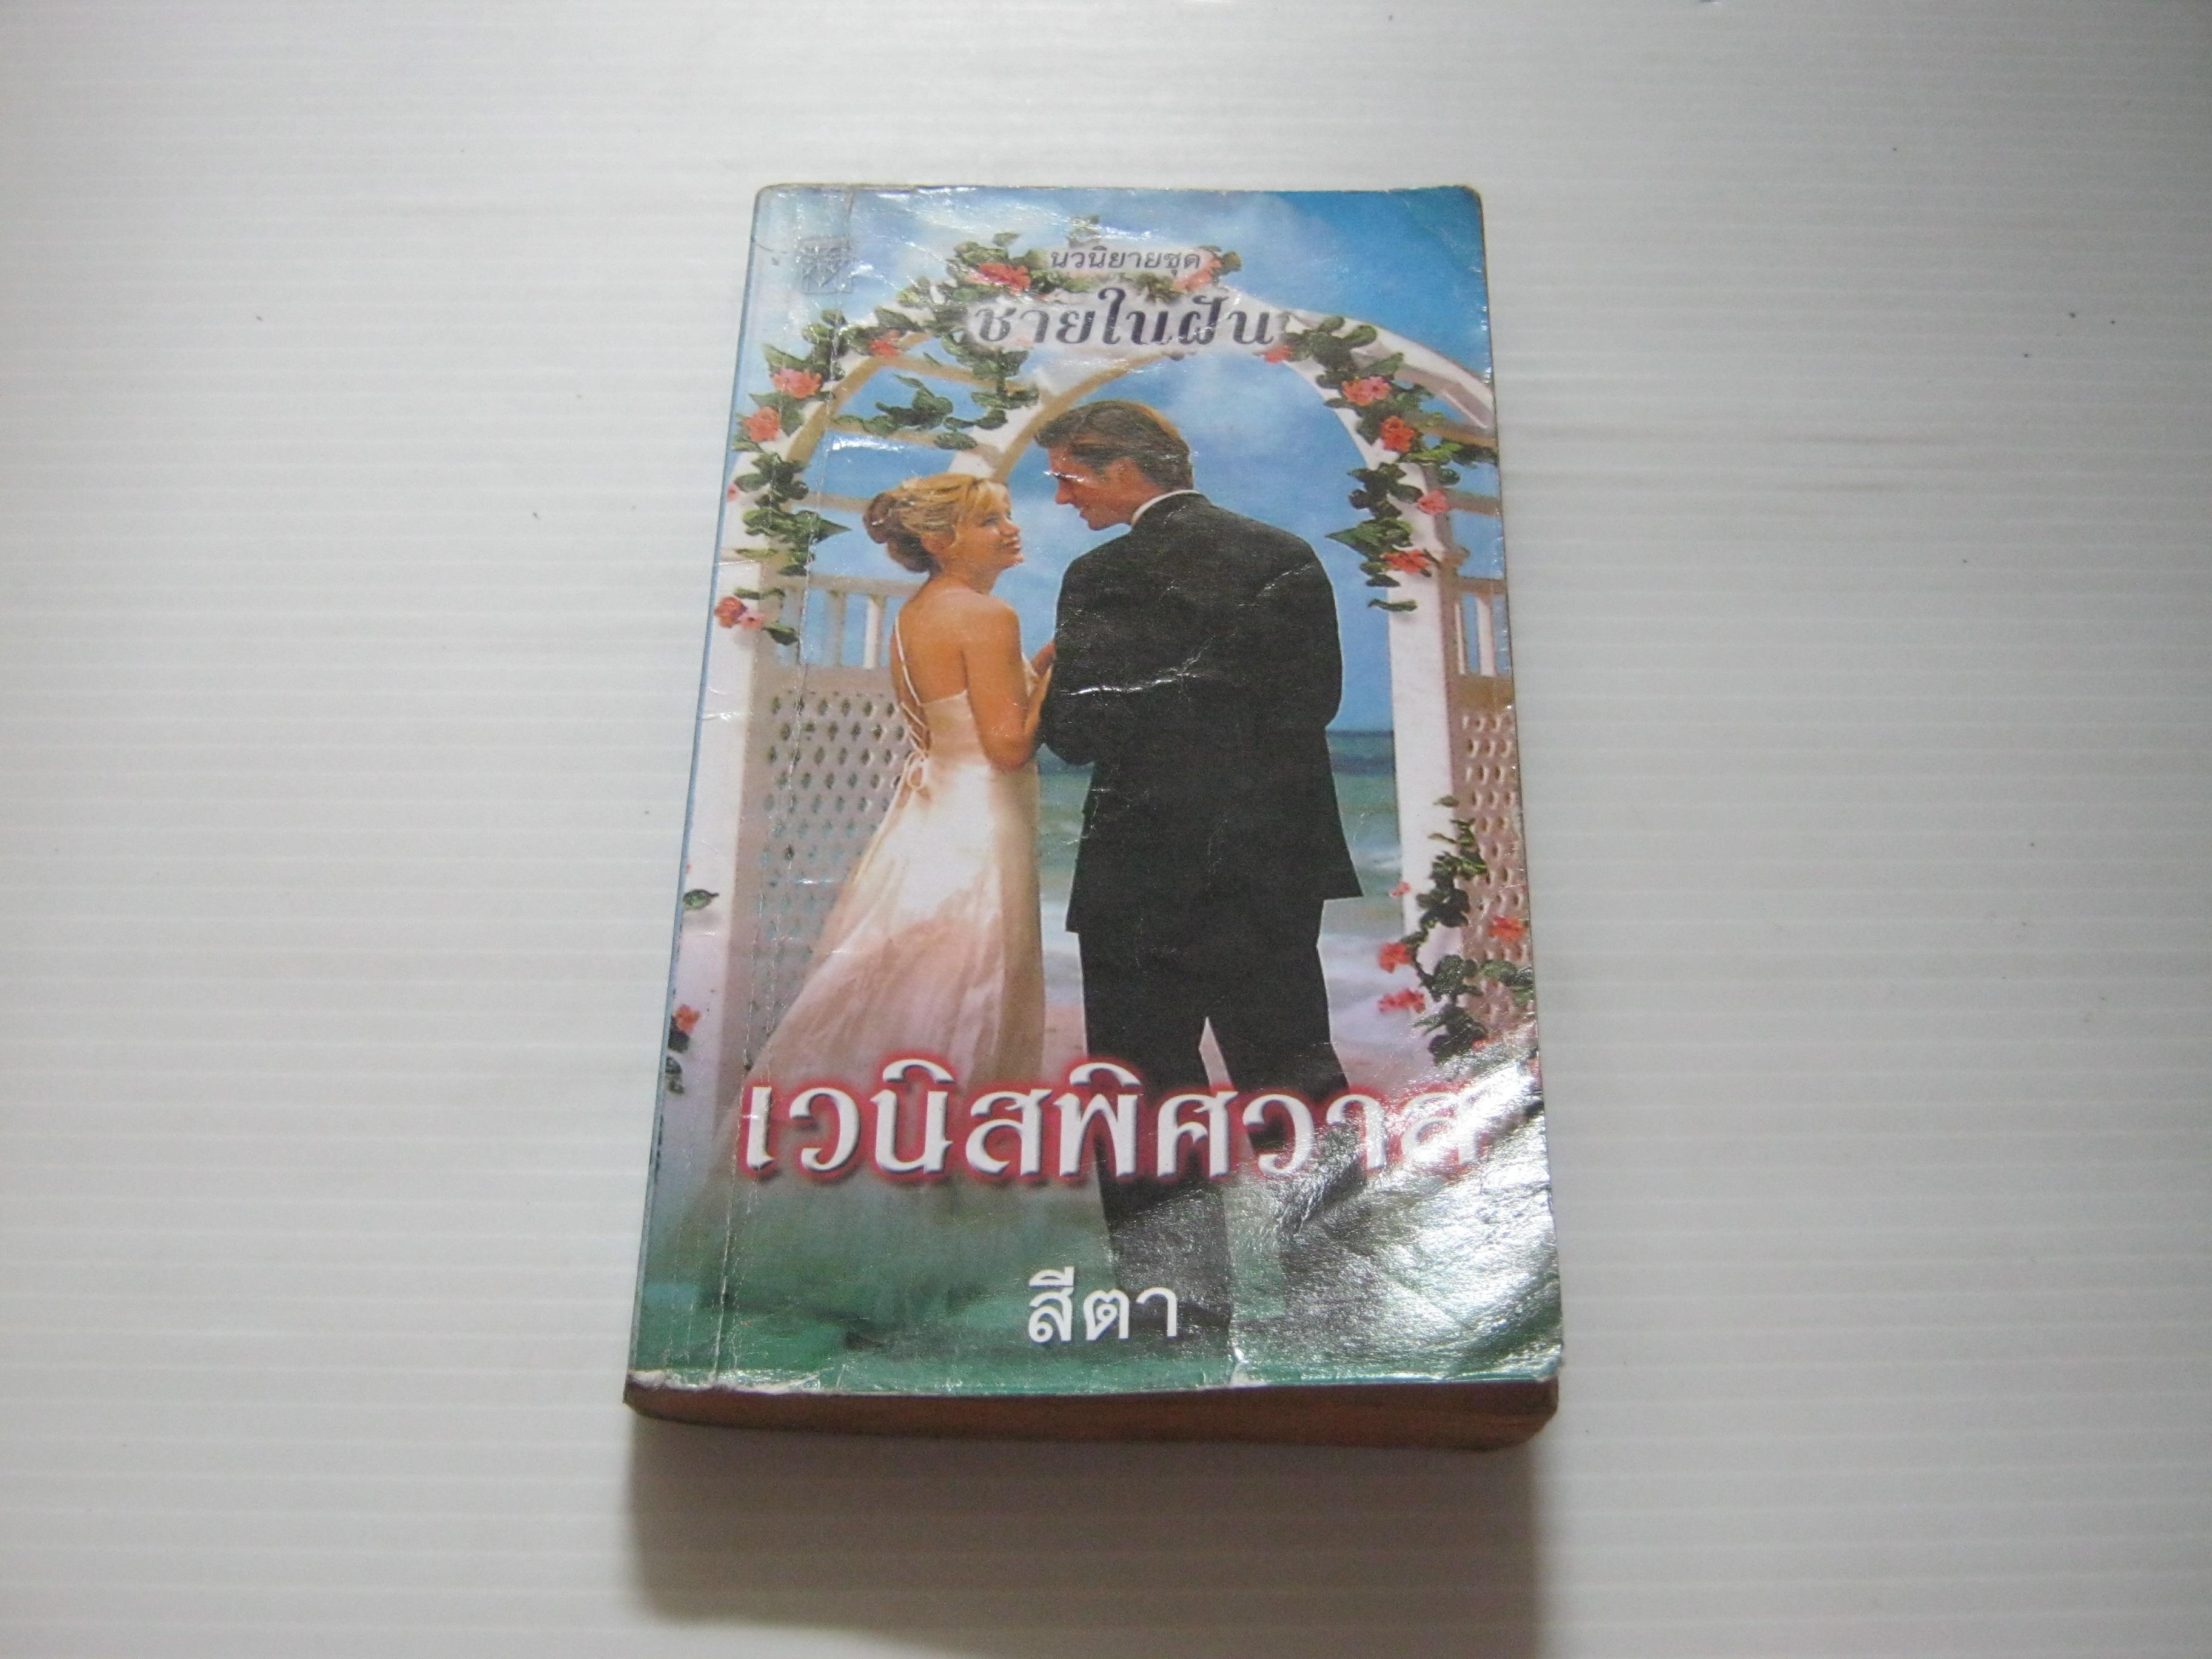 นวนิยายชุดชายในฝัน ตอน เวนิสพิศวาส (The Husband Hunter) ลินน์ เกรแฮม เขียน สีตา แปล